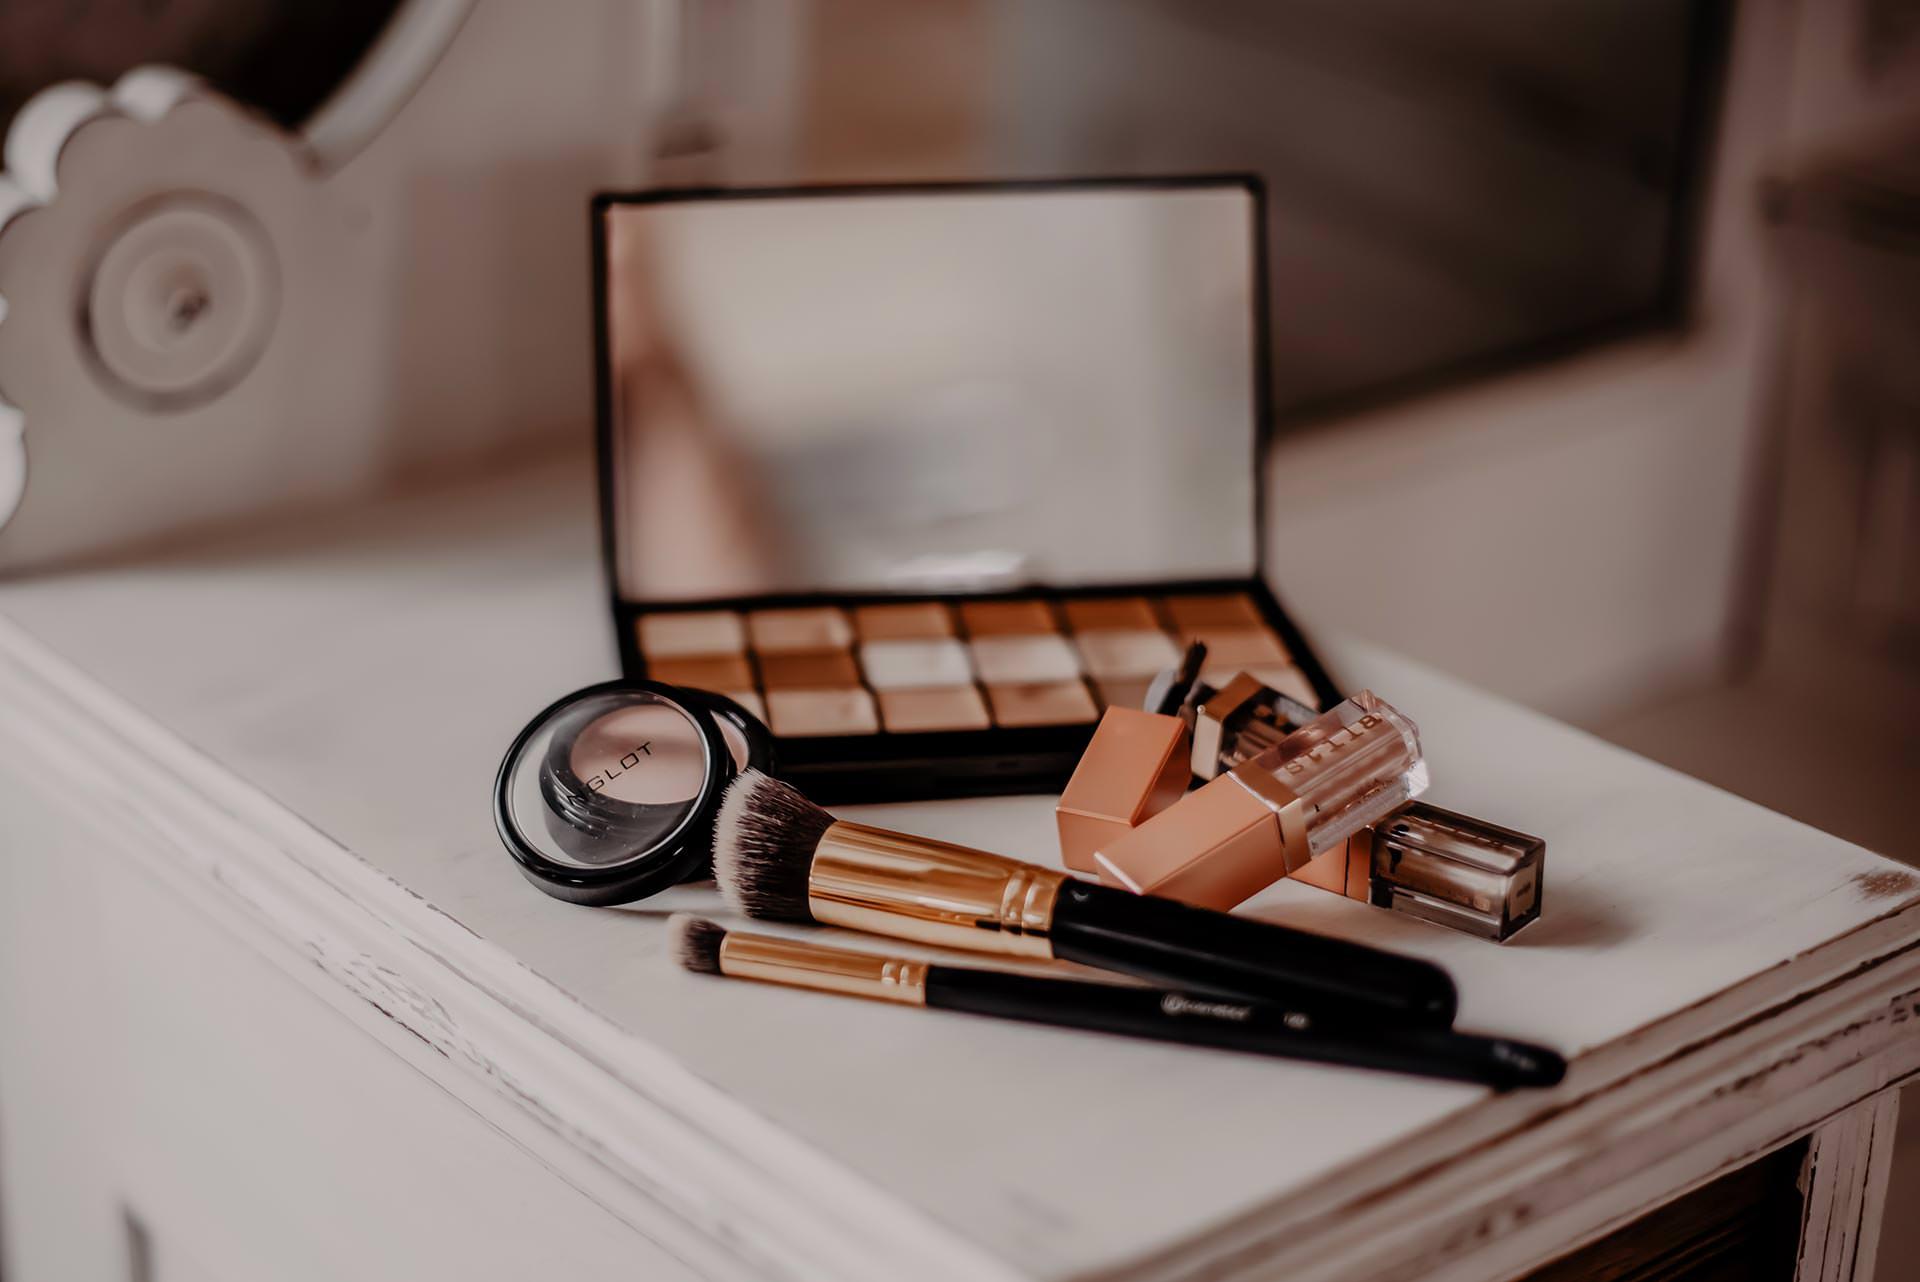 Gute Make-up-Pinsel für jeden Tag gesucht? Auf dem Beautyblog zeige ich dir meine Pinsel-Grundausrüstung und erkläre dir, welchen Pinsel ich wofür verwende. www.whoismocca.com #makeuppinsel #beautyblogger